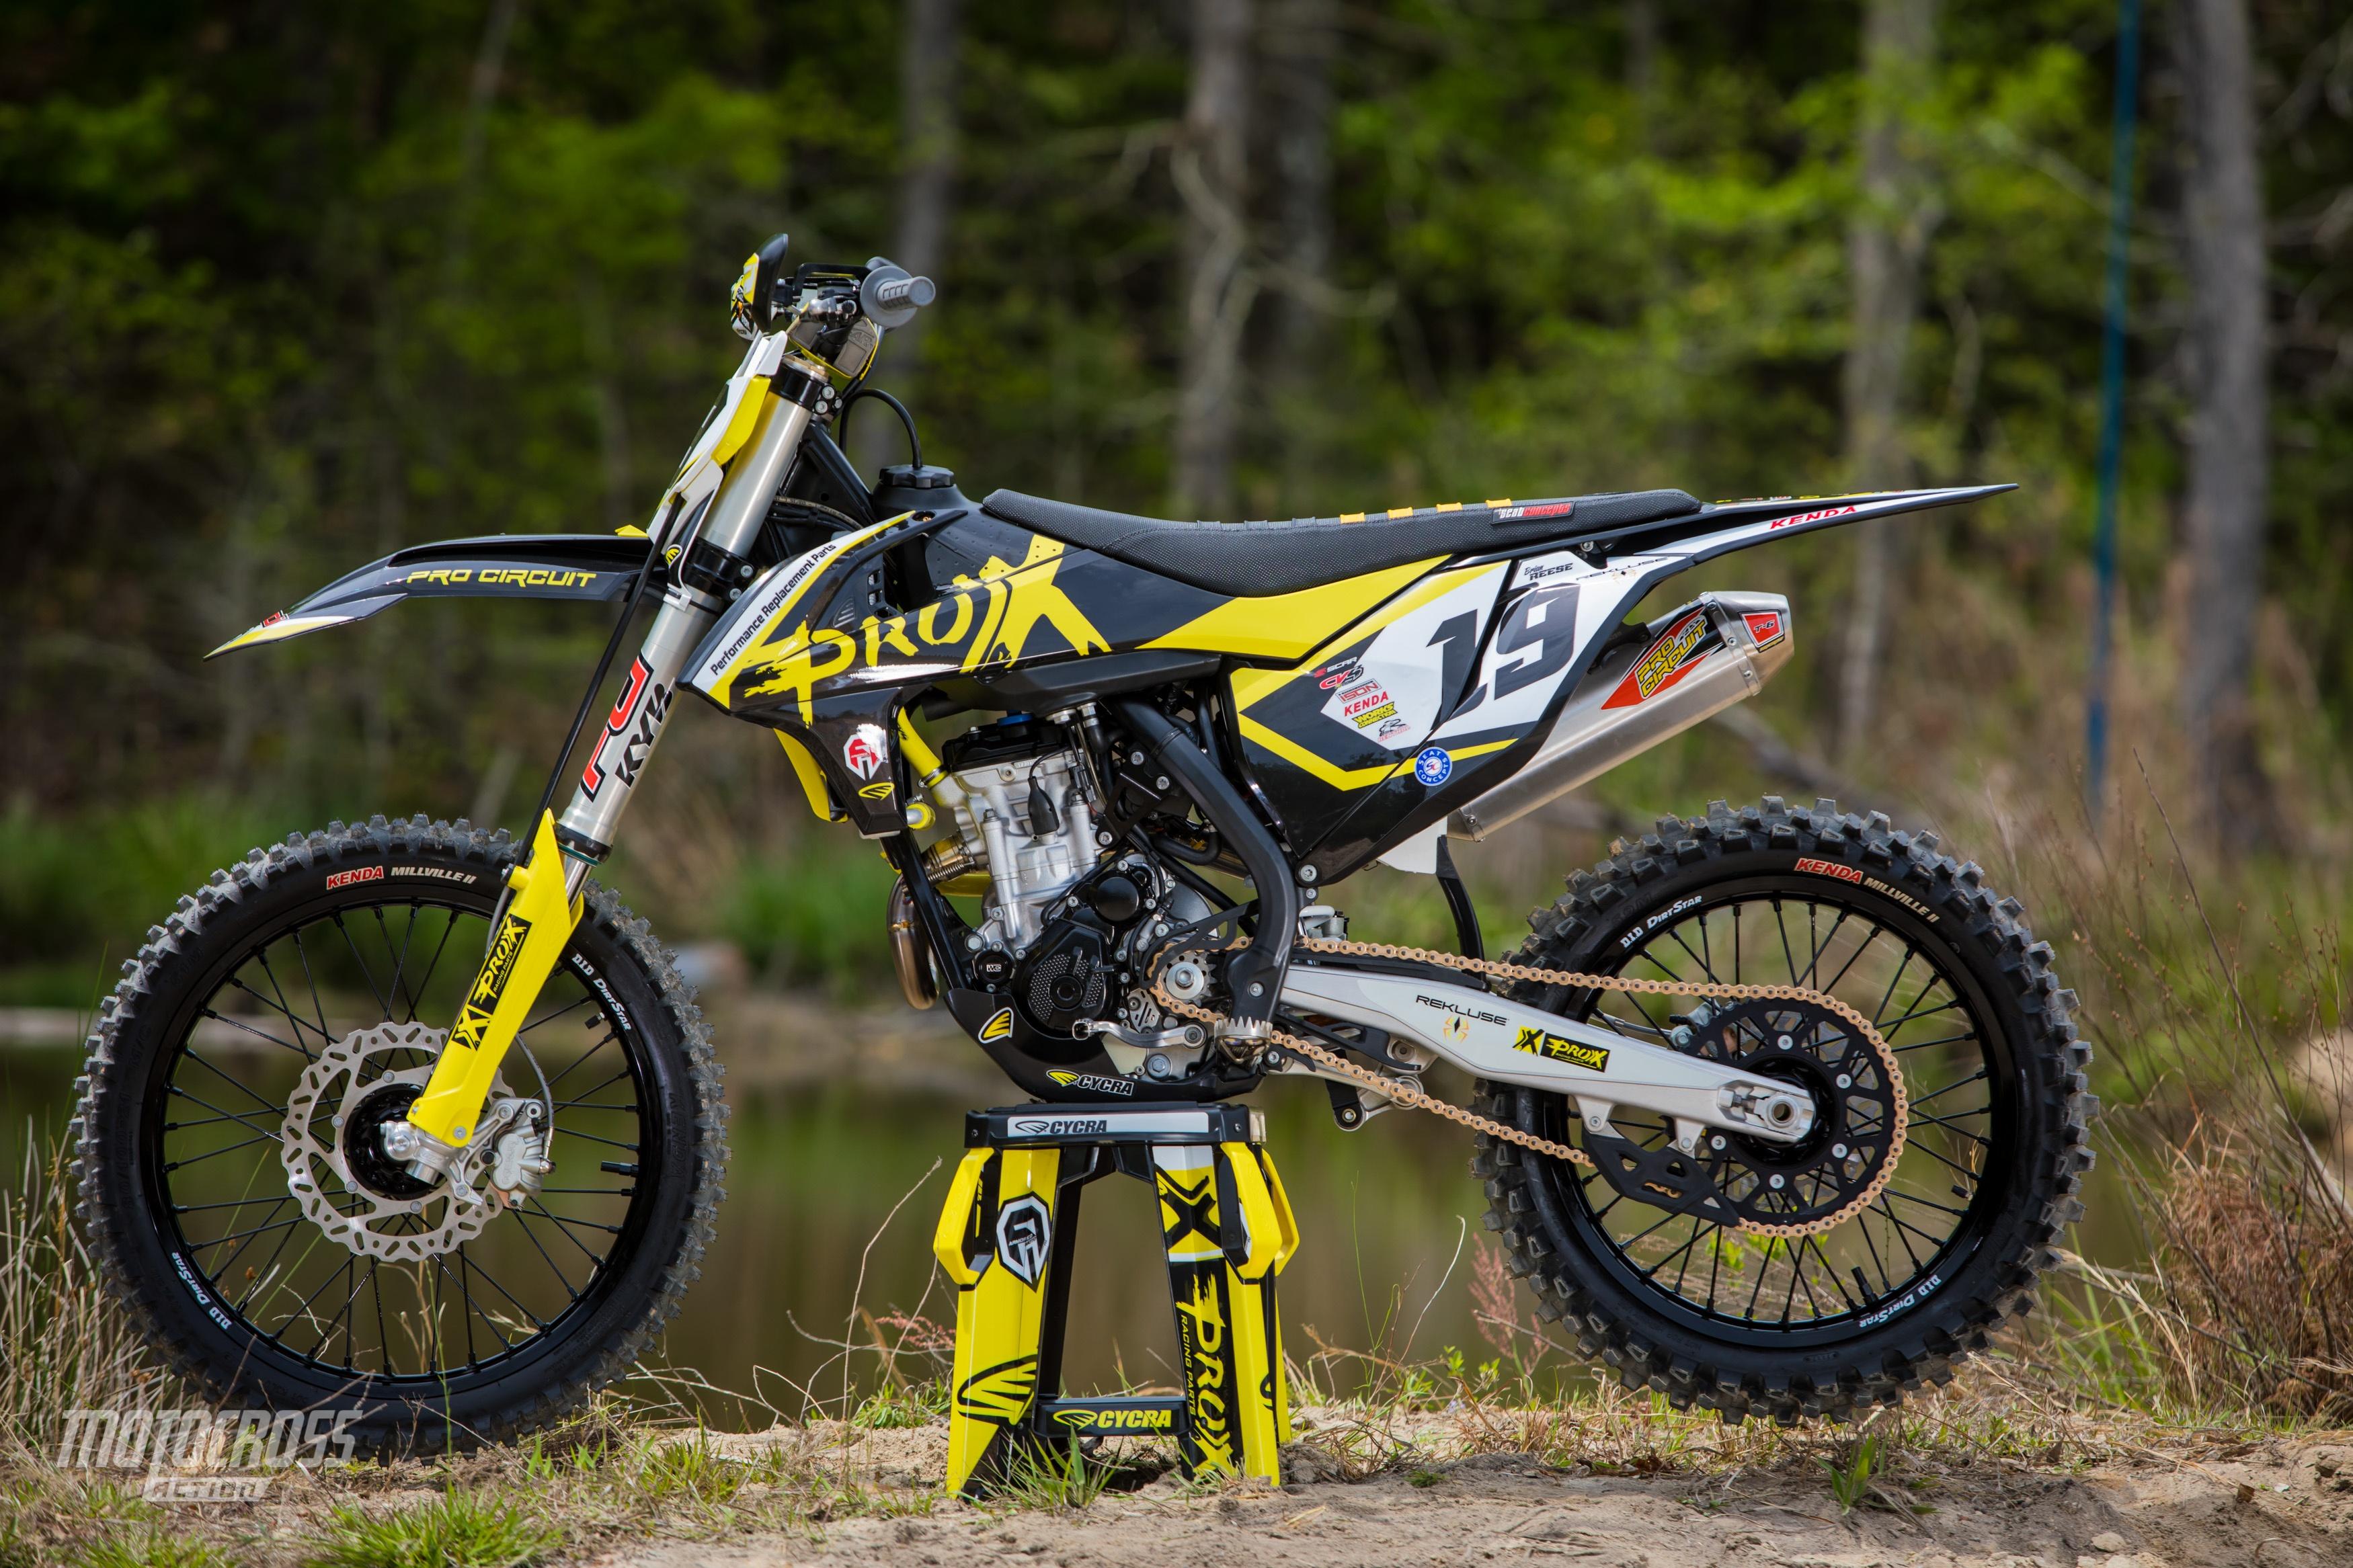 ProX CEO's KTM 250 SX-F Project Bike